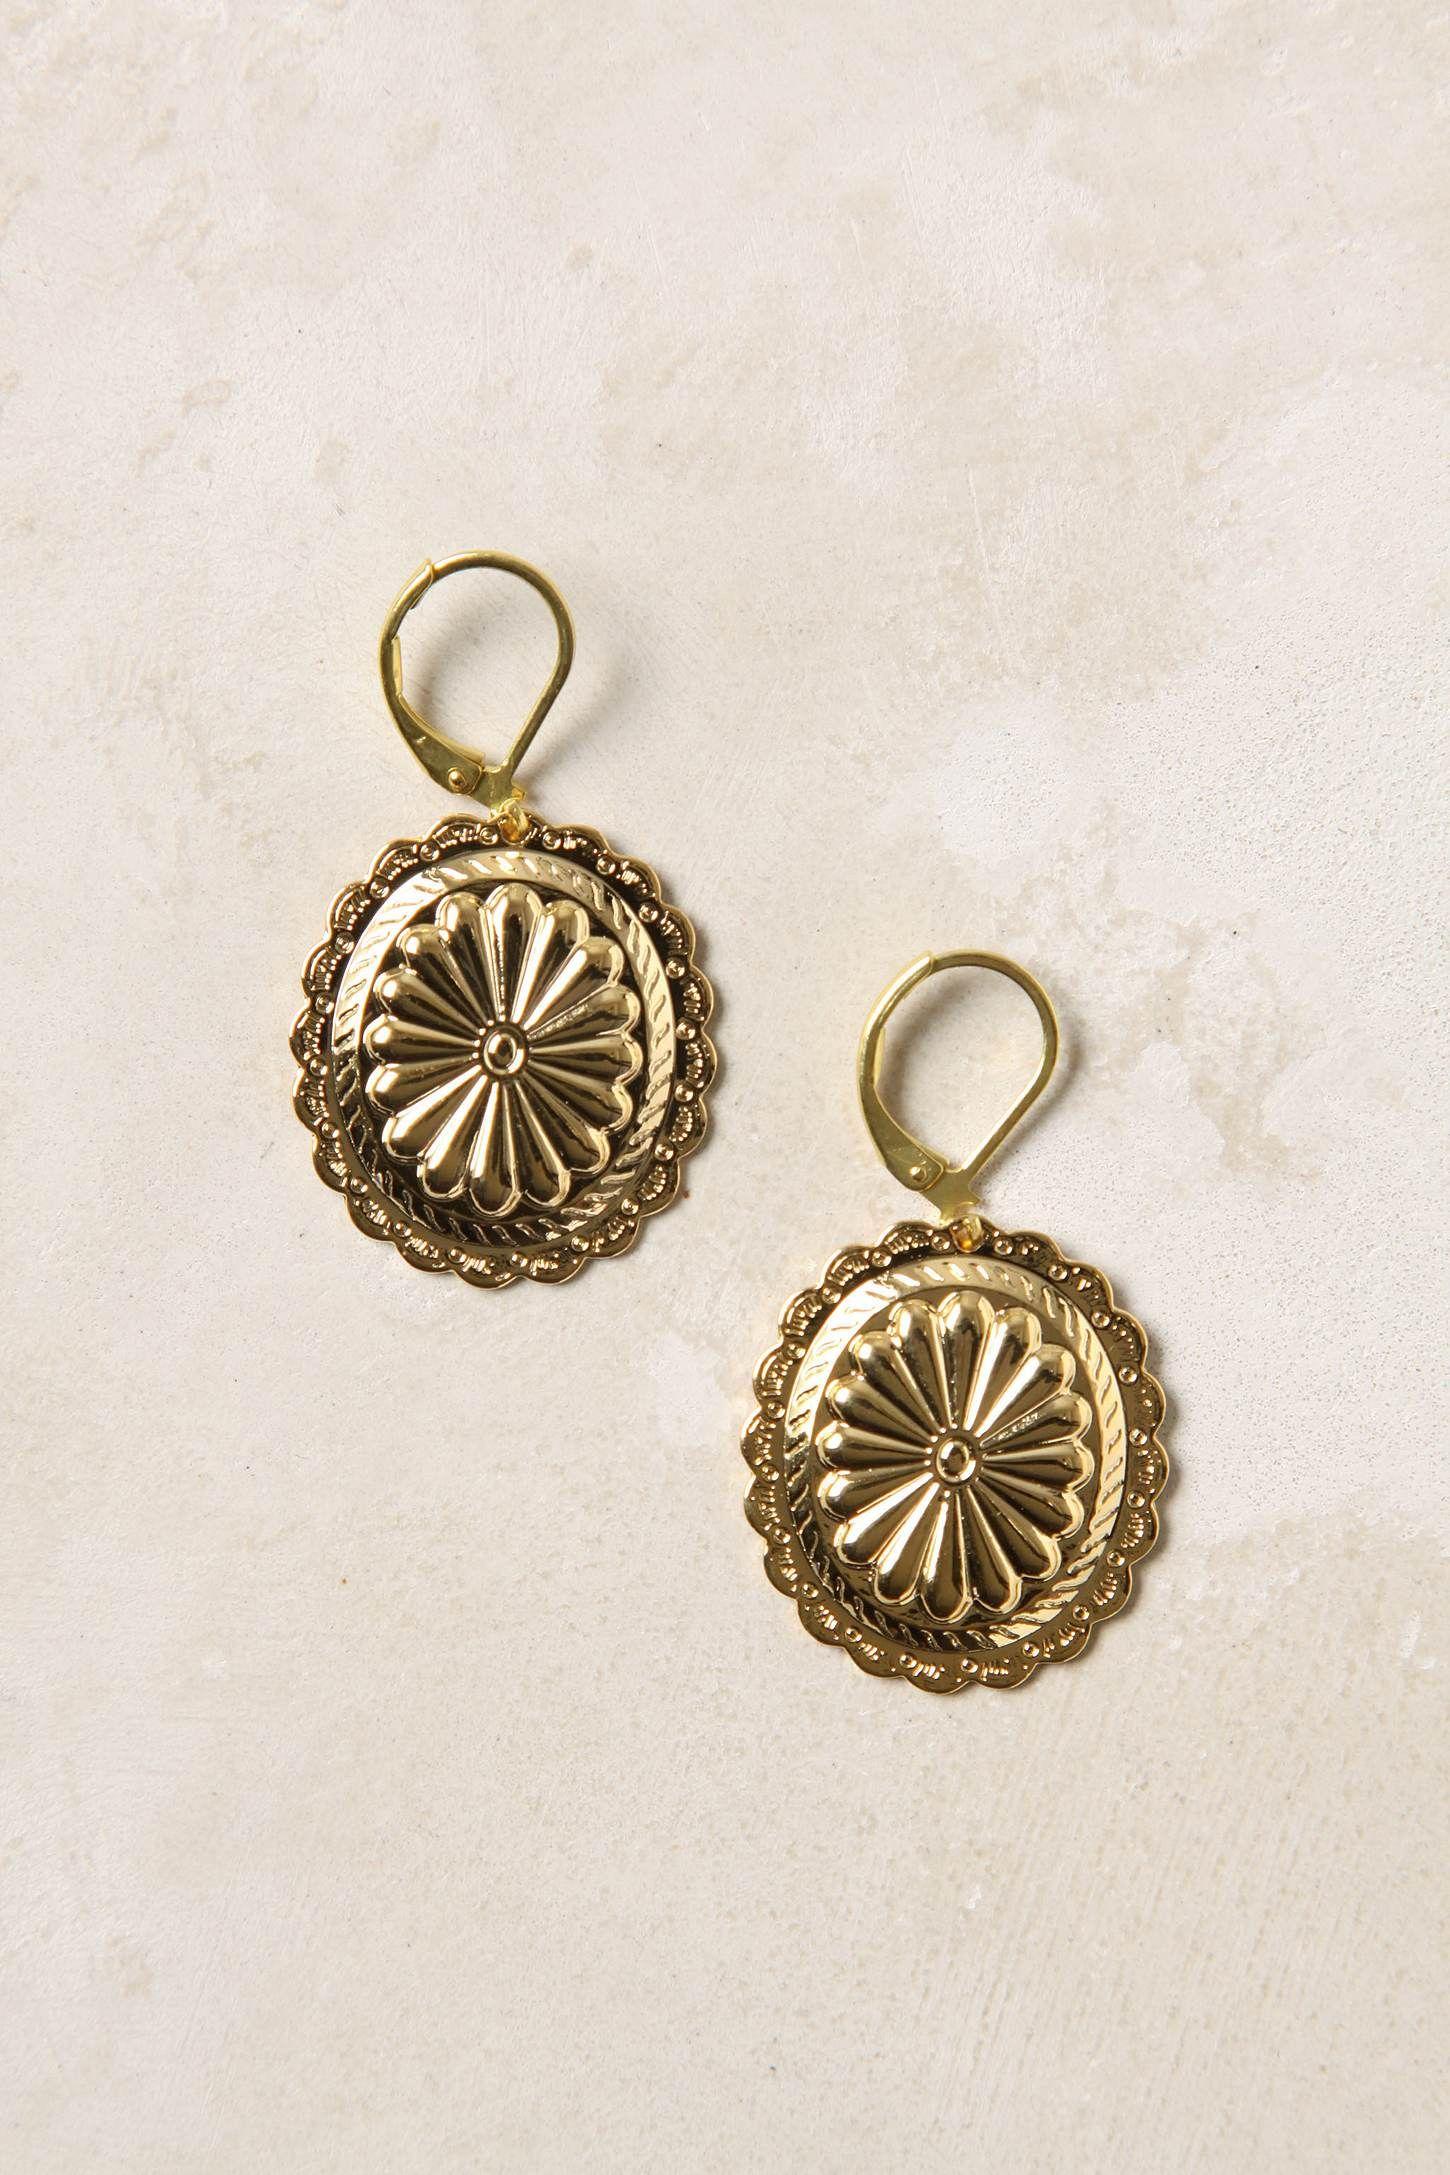 Cute gold earrings | My Style Pinboard | Pinterest